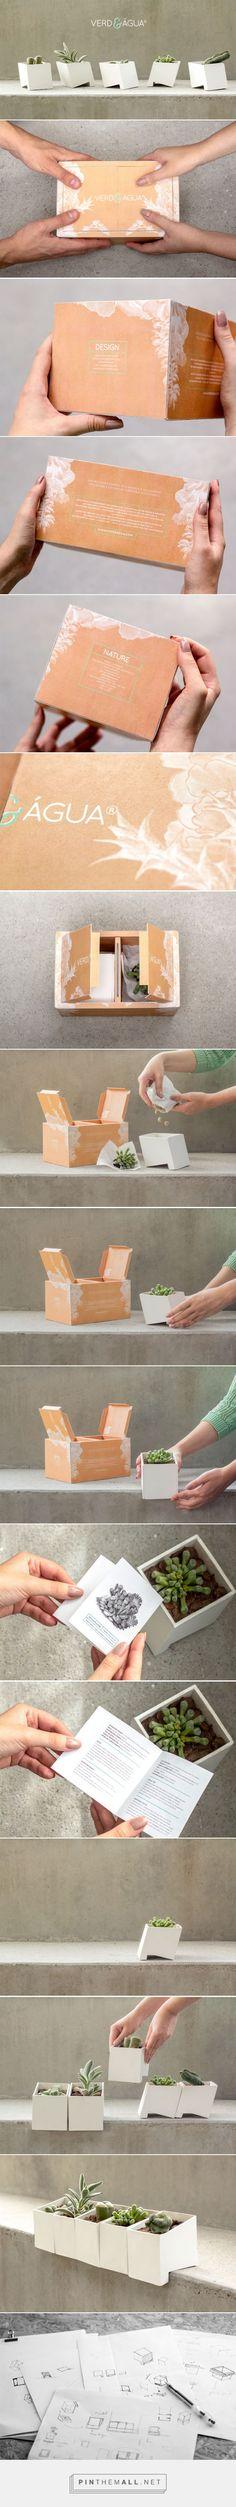 VERD&ÁGUA #gardening kit #packaging designed by Filipa Ferreira - http://www.packagingoftheworld.com/2015/07/verd.html